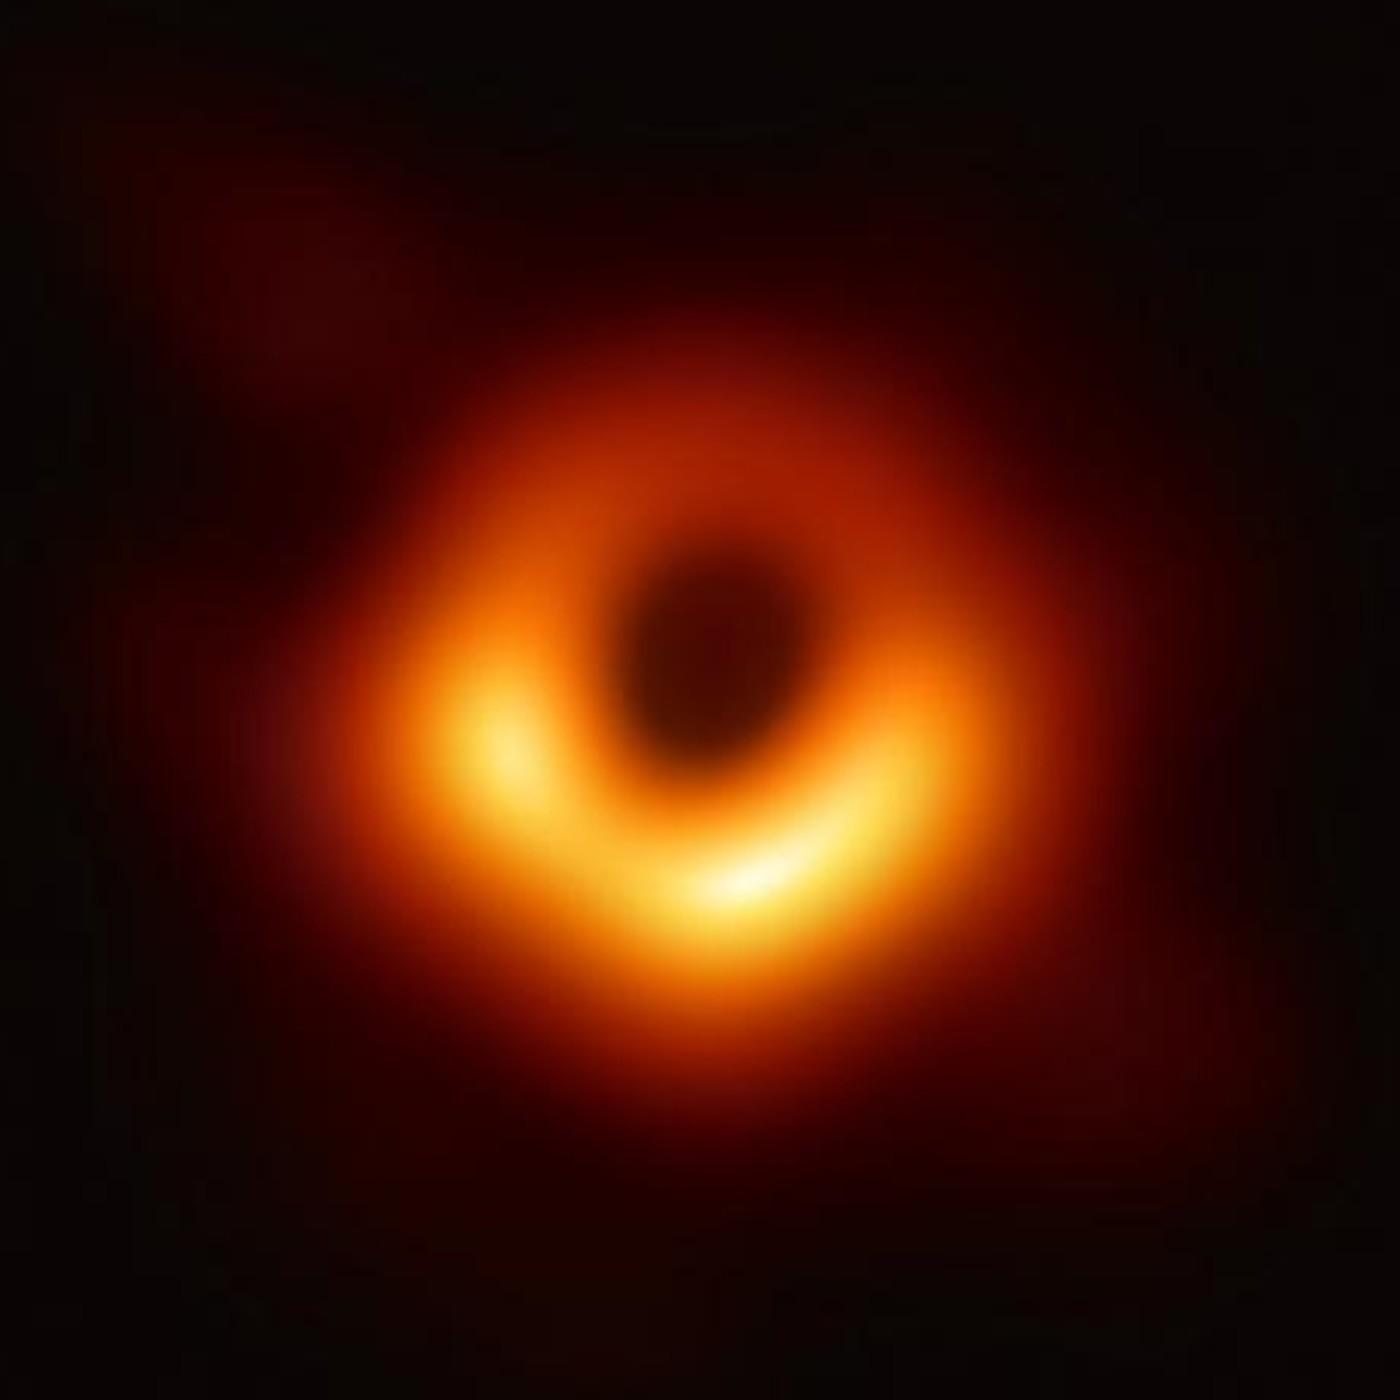 El gran enigma de los agujeros negros / Misterio en el Museo de Cera (1) - Ecos de lo remoto 3x30